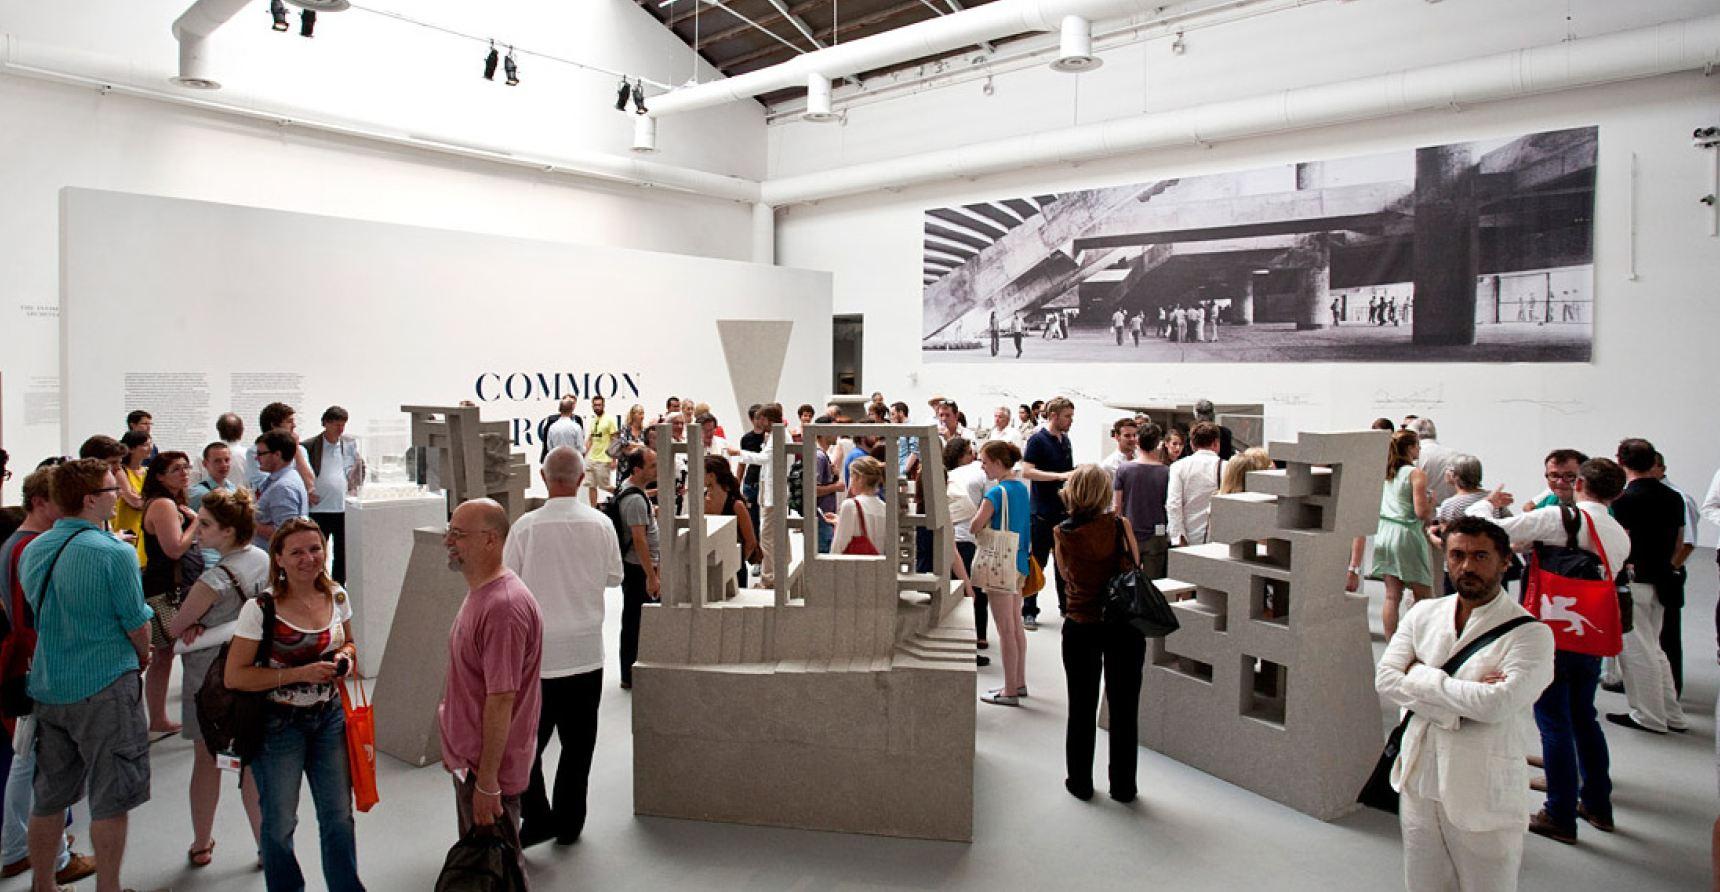 Visita alla Biennale di Venezia